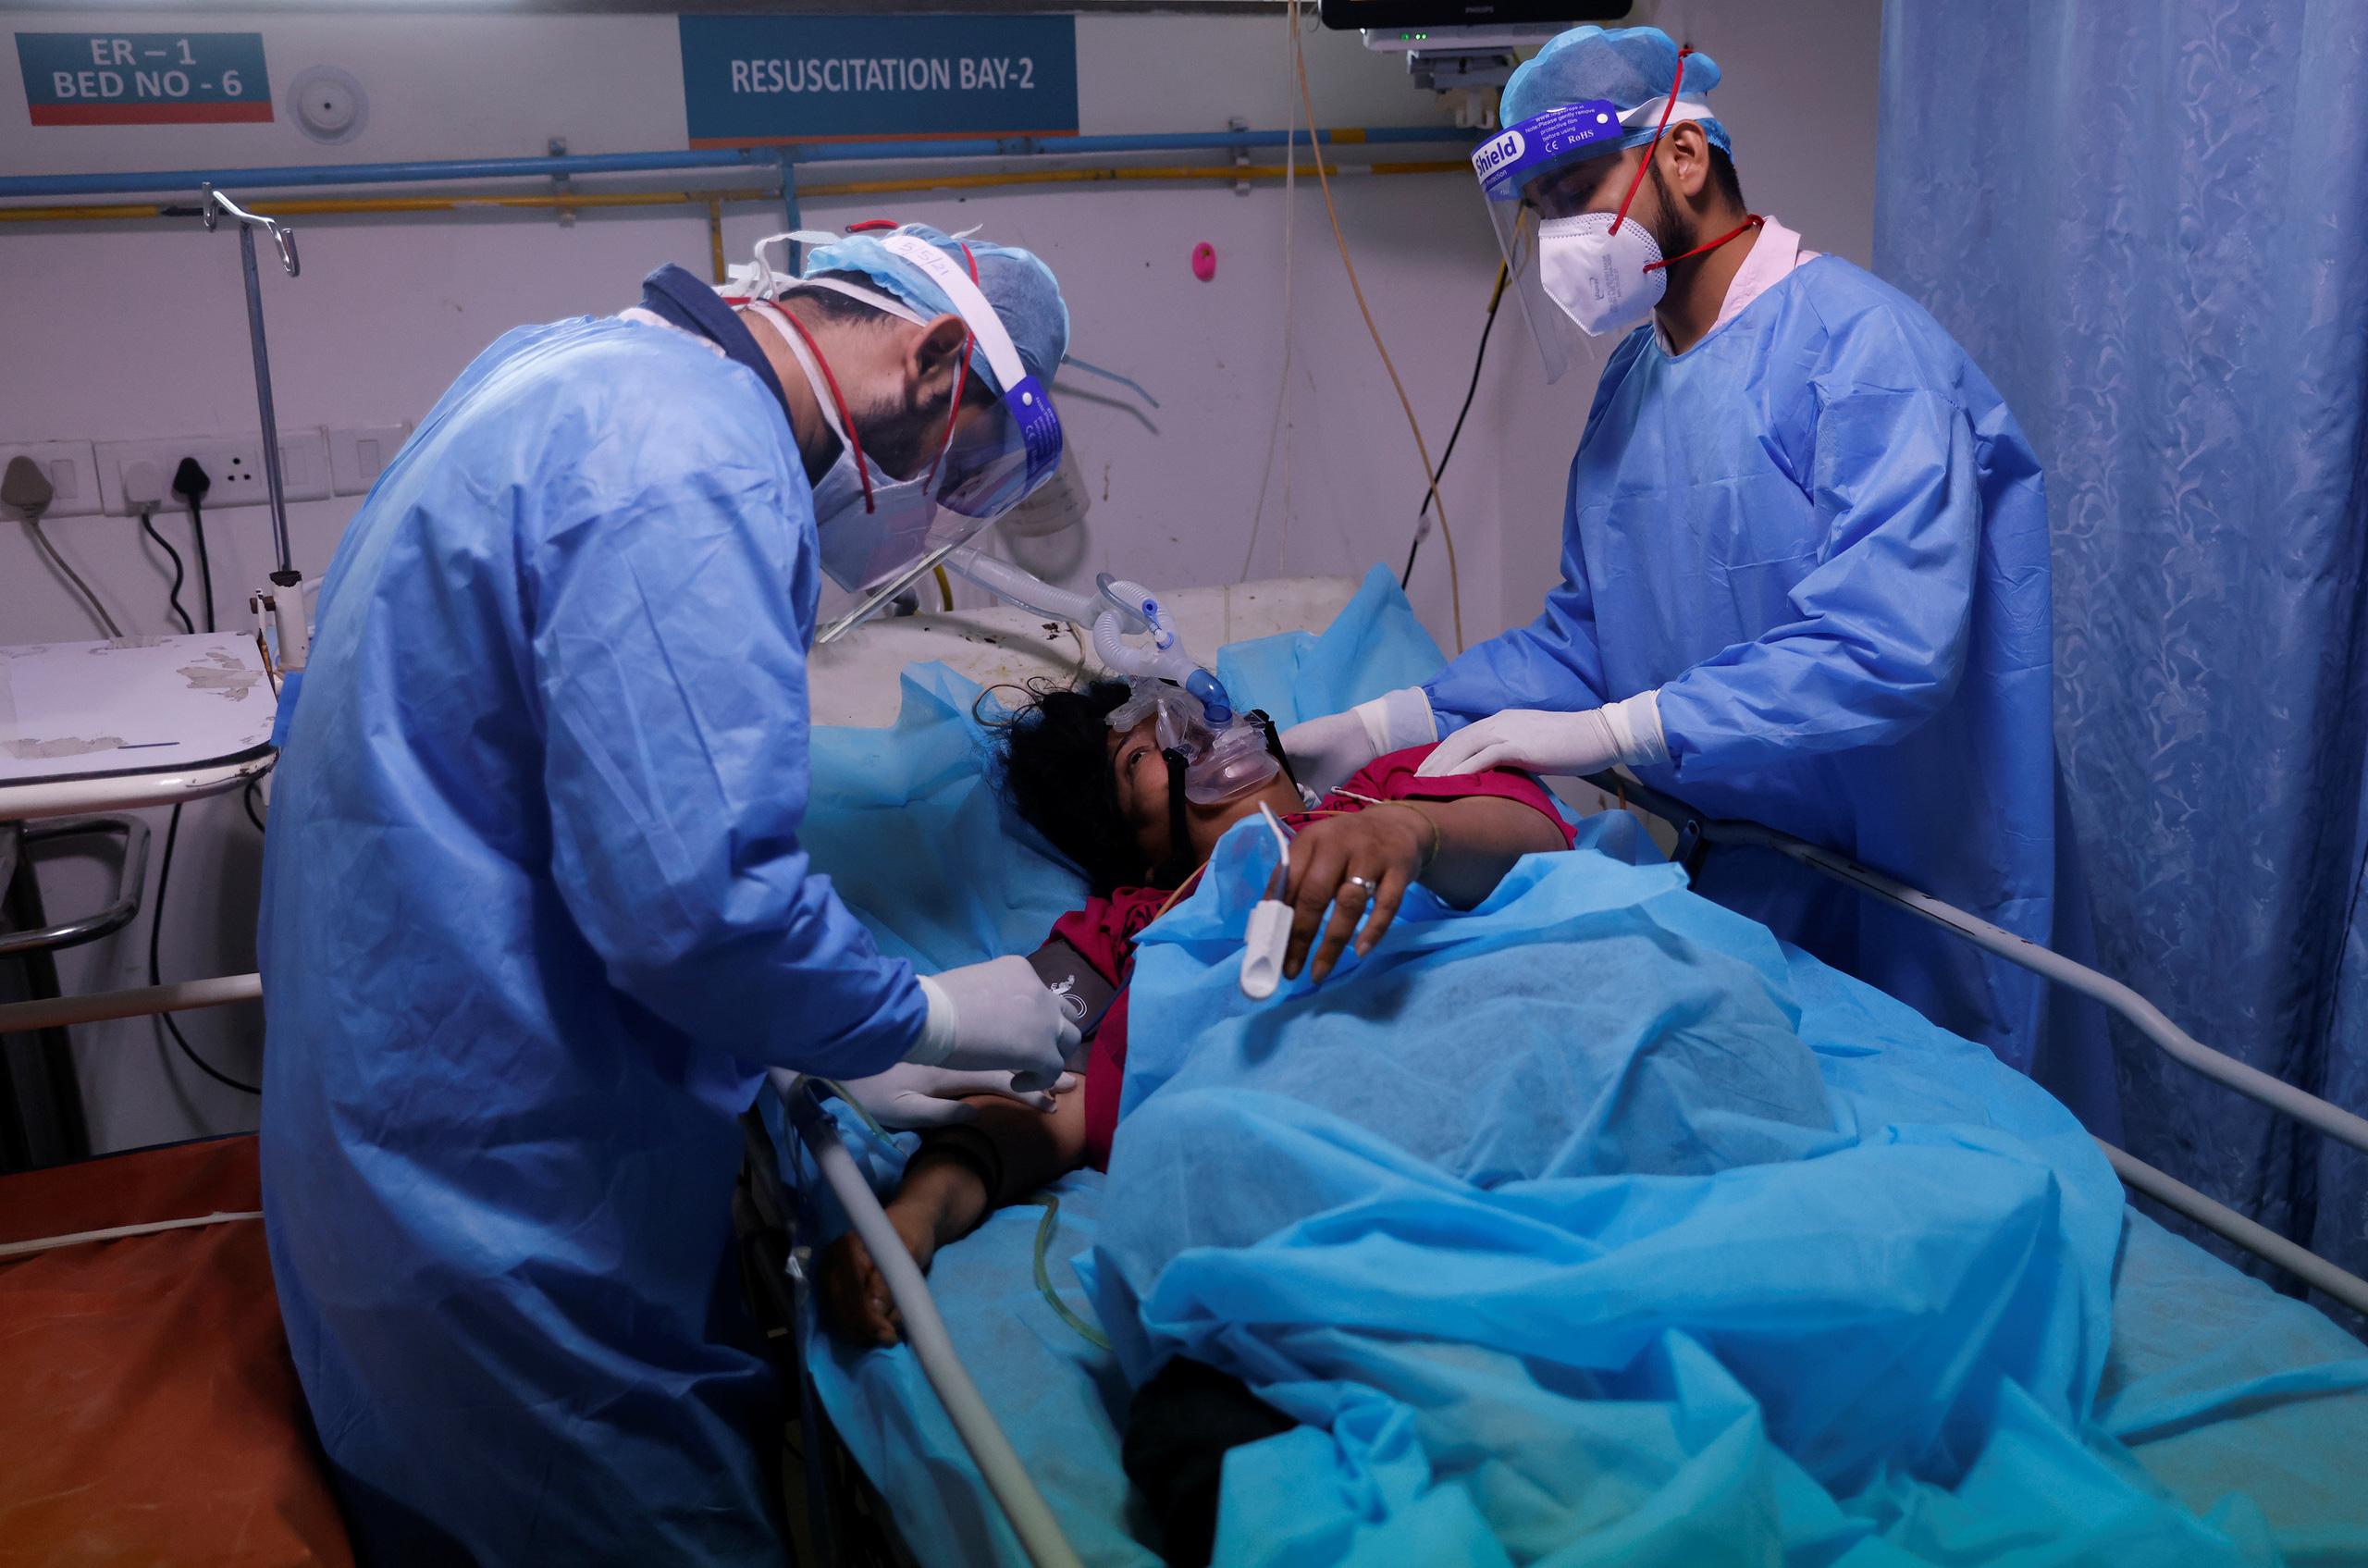 Ấn Độ huy động lực lượng y tế quốc phòng hỗ trợ đối phó với đại dịch COVID-19 - Ảnh 2.